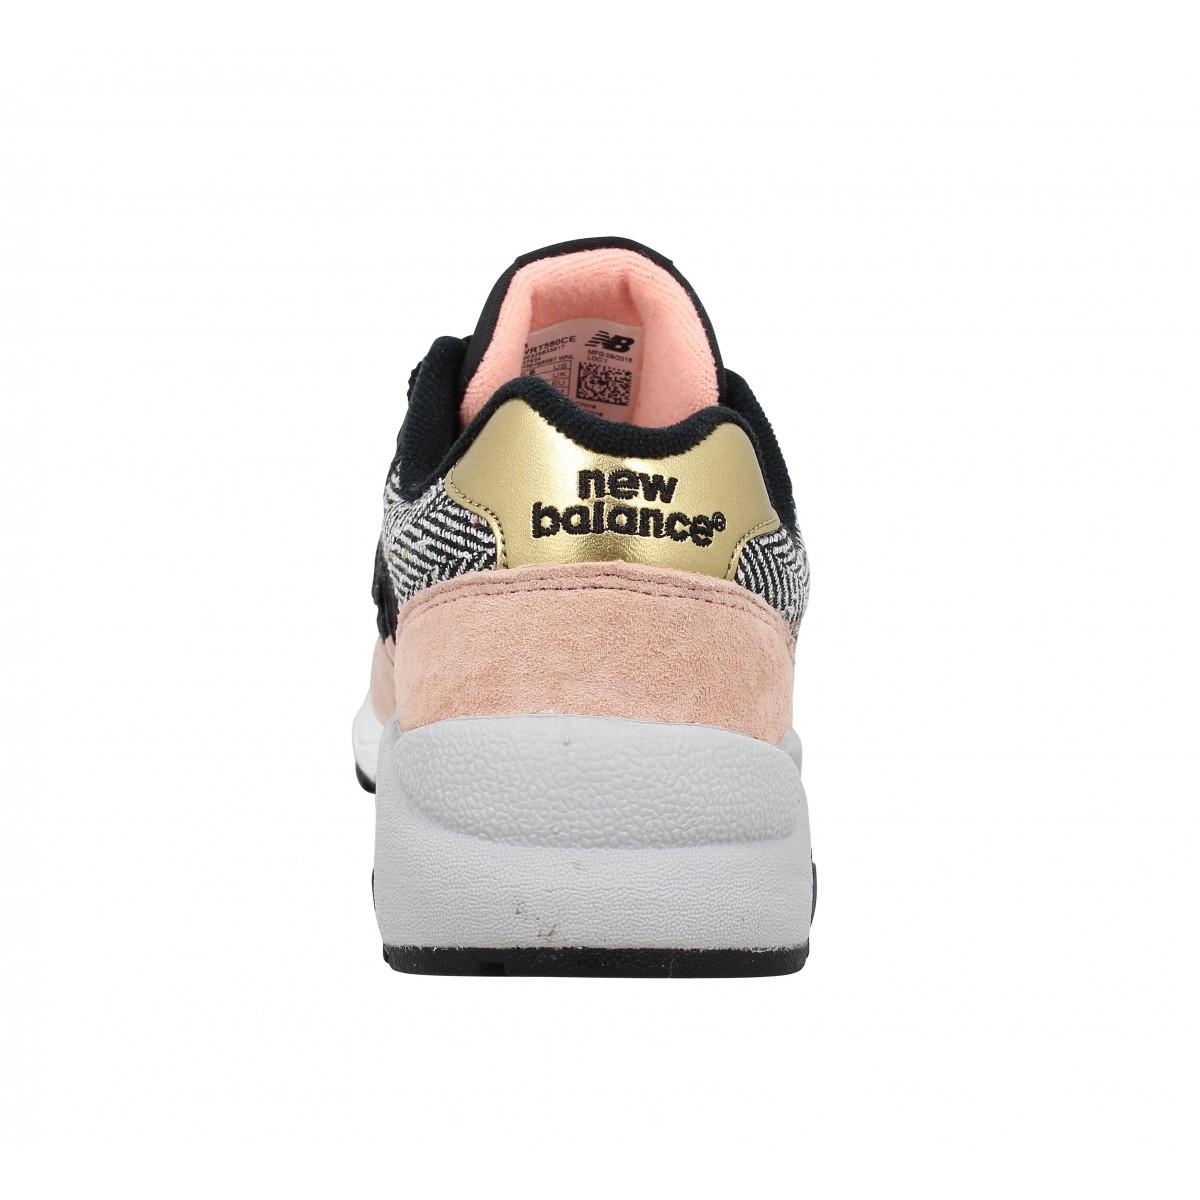 New balance 580 noir rose femme | Fanny chaussures